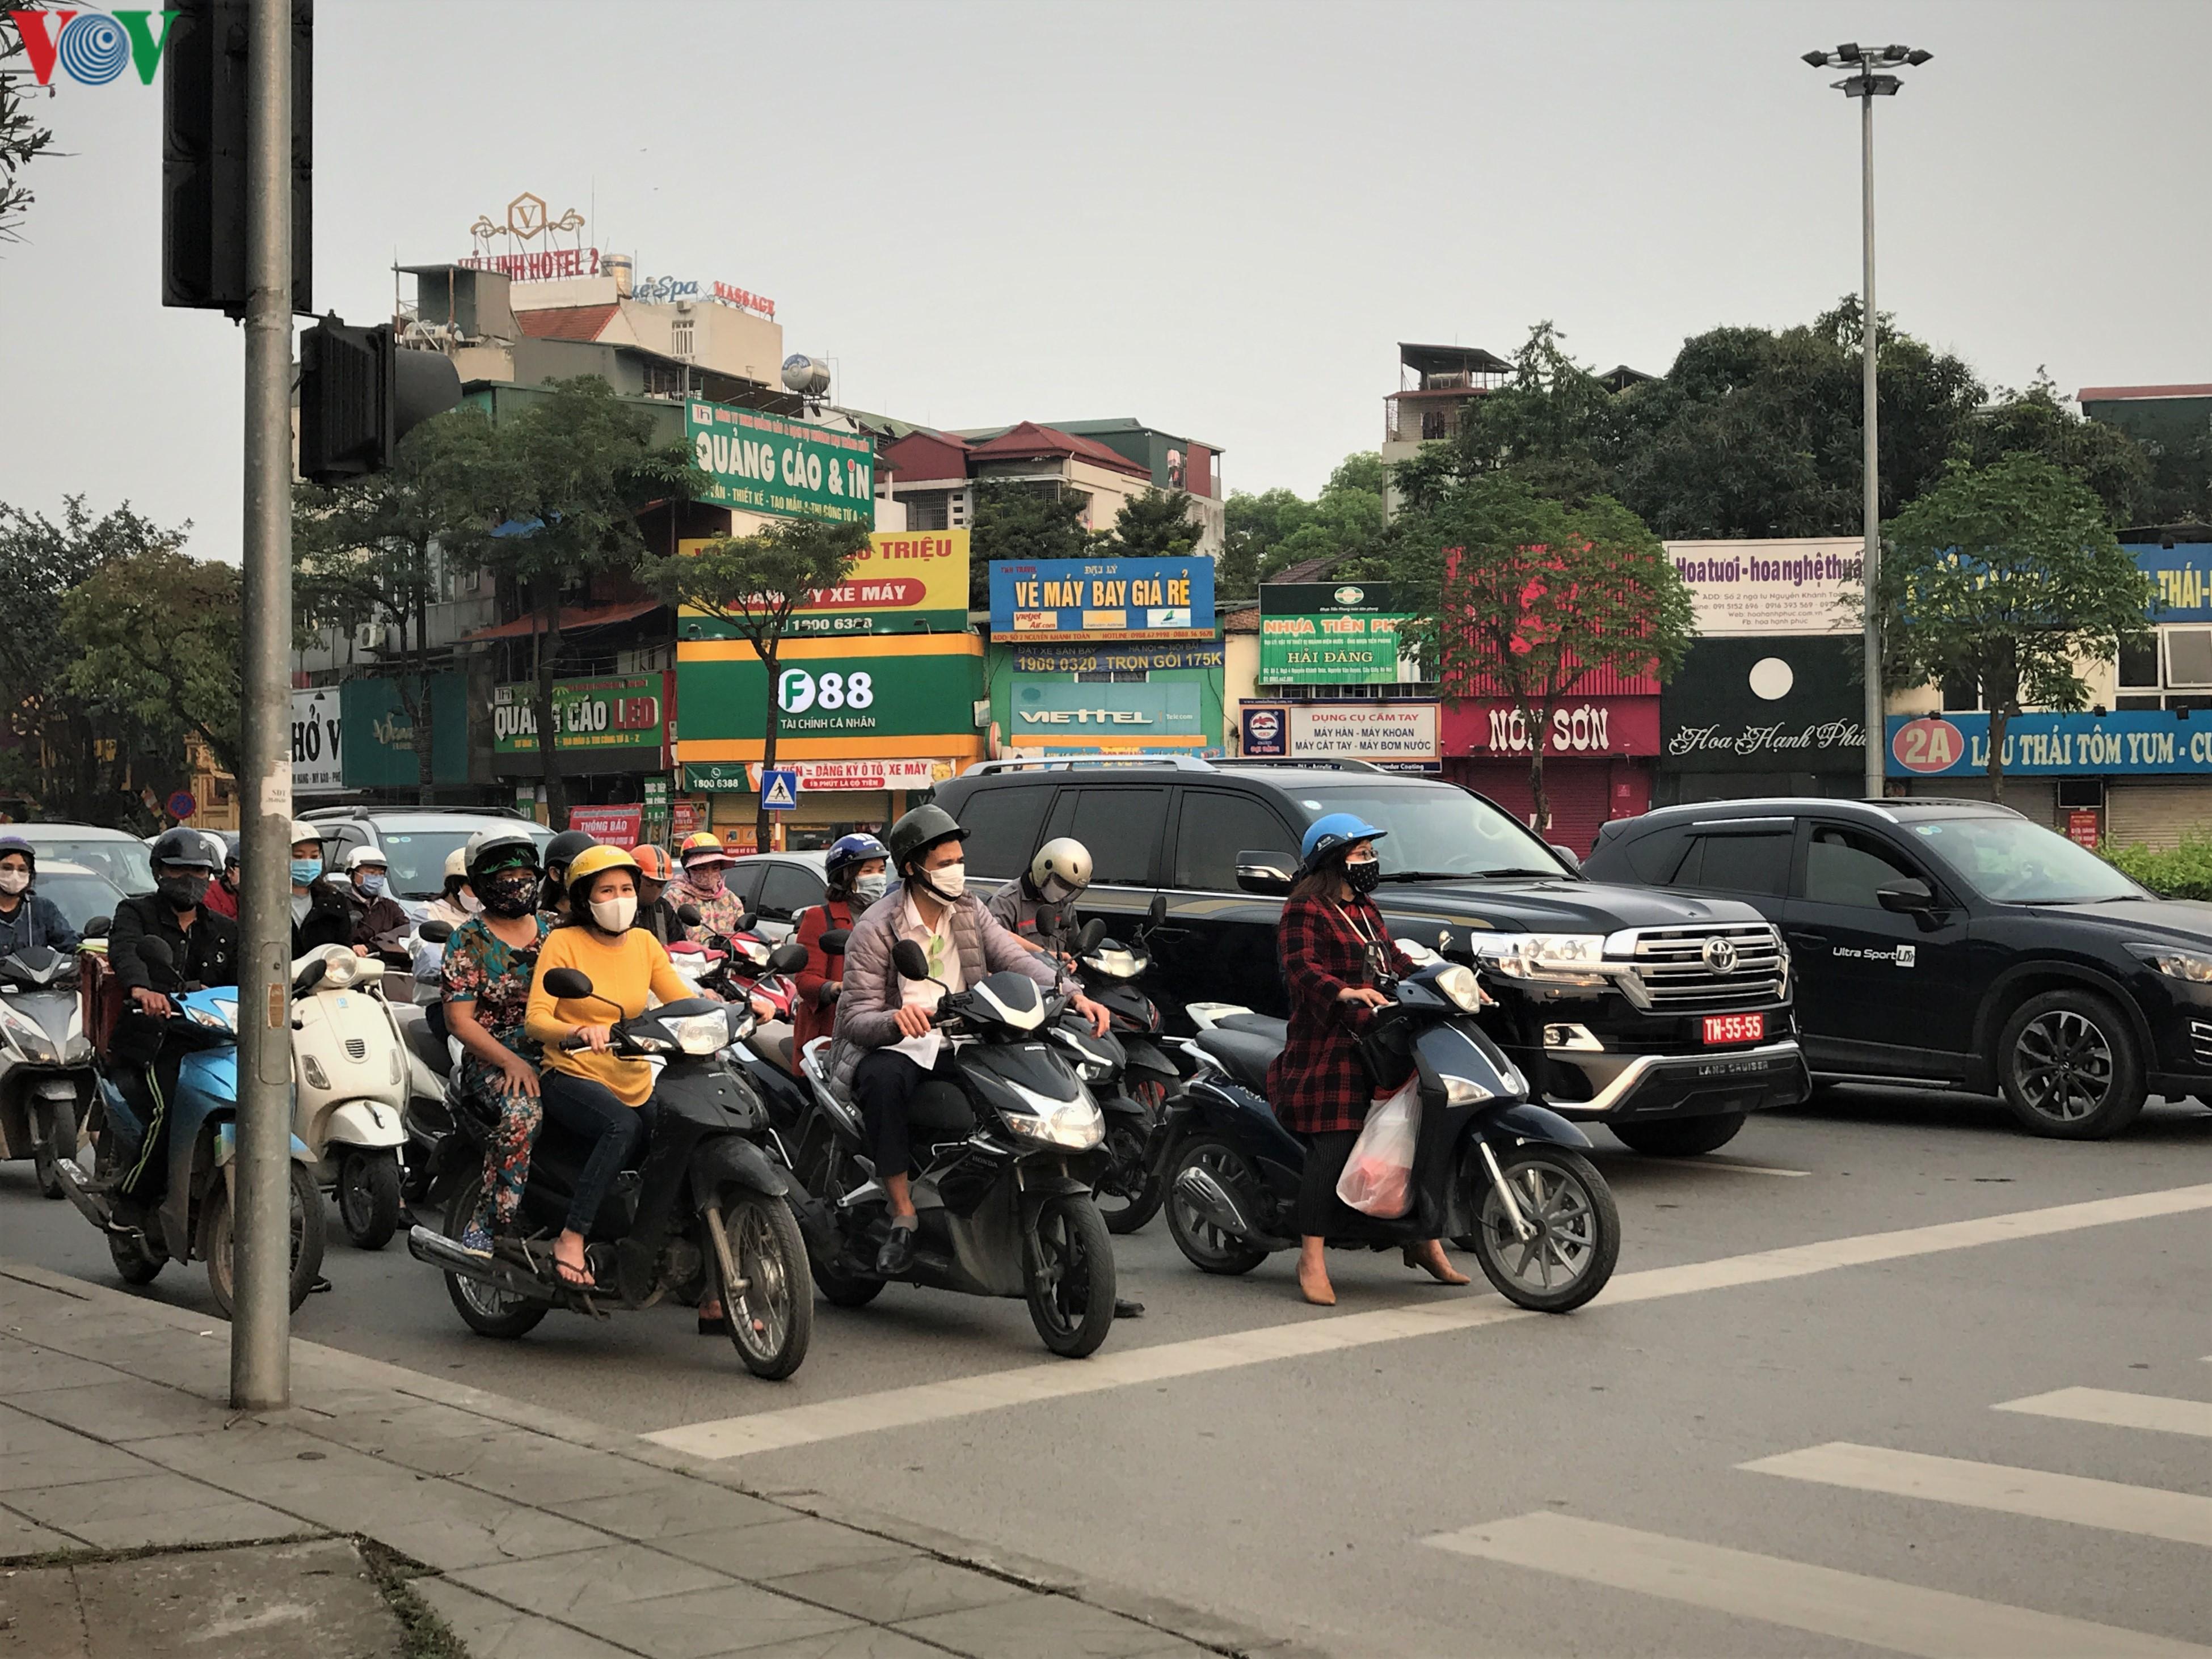 Ngày thứ 9 cách ly xã hội: Người và xe đông chật các ngã tư ở Hà Nội Ảnh 2